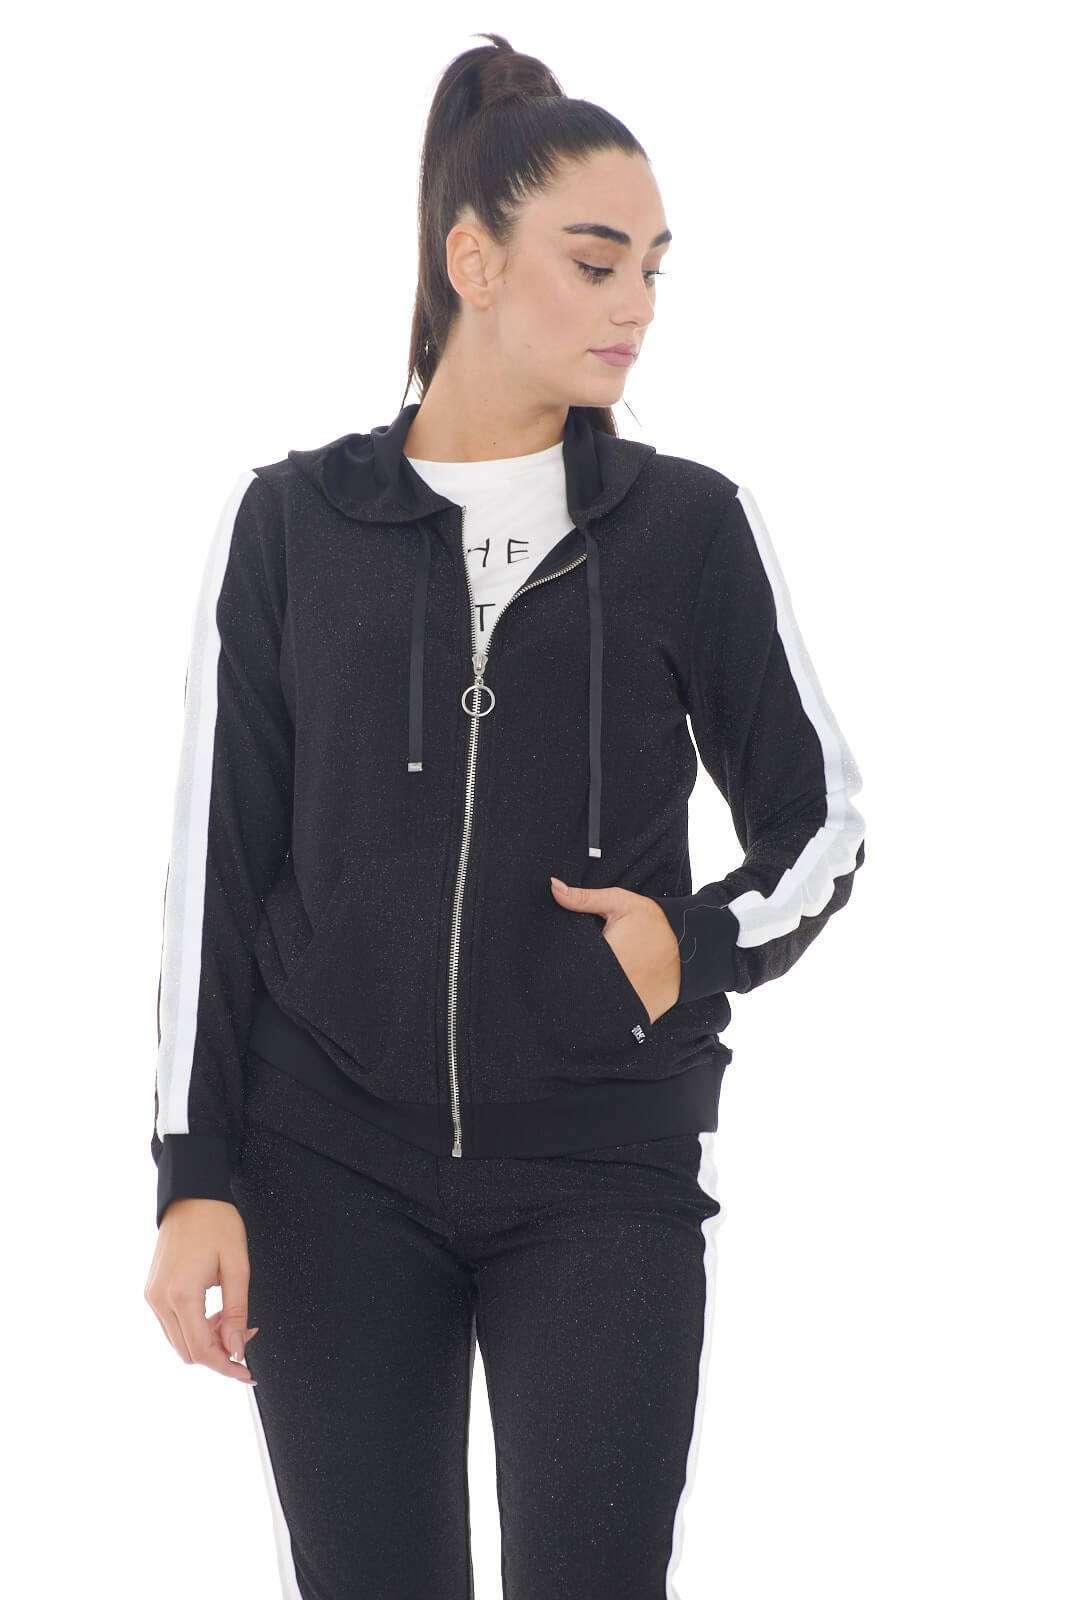 Una felpa comoda ed elegante quella proposta dalla collezione donna Liu Jo Sport. Il tessuto in lurex si impone su un capo minimal. Da abbinare con ogni look è perfetta sia con un pantalone da jogging che con un jeans.